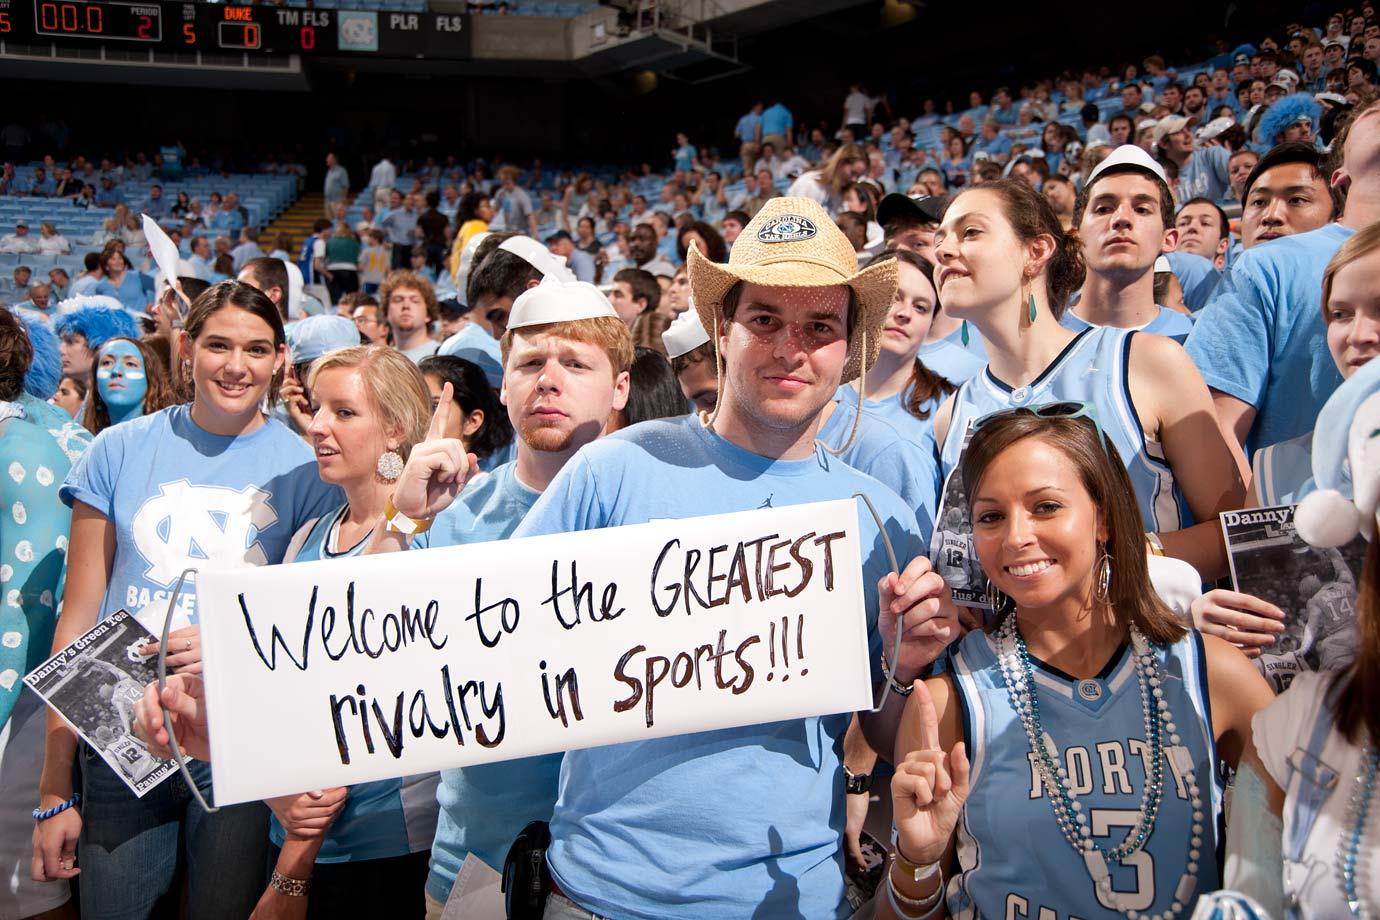 North Carolina fans